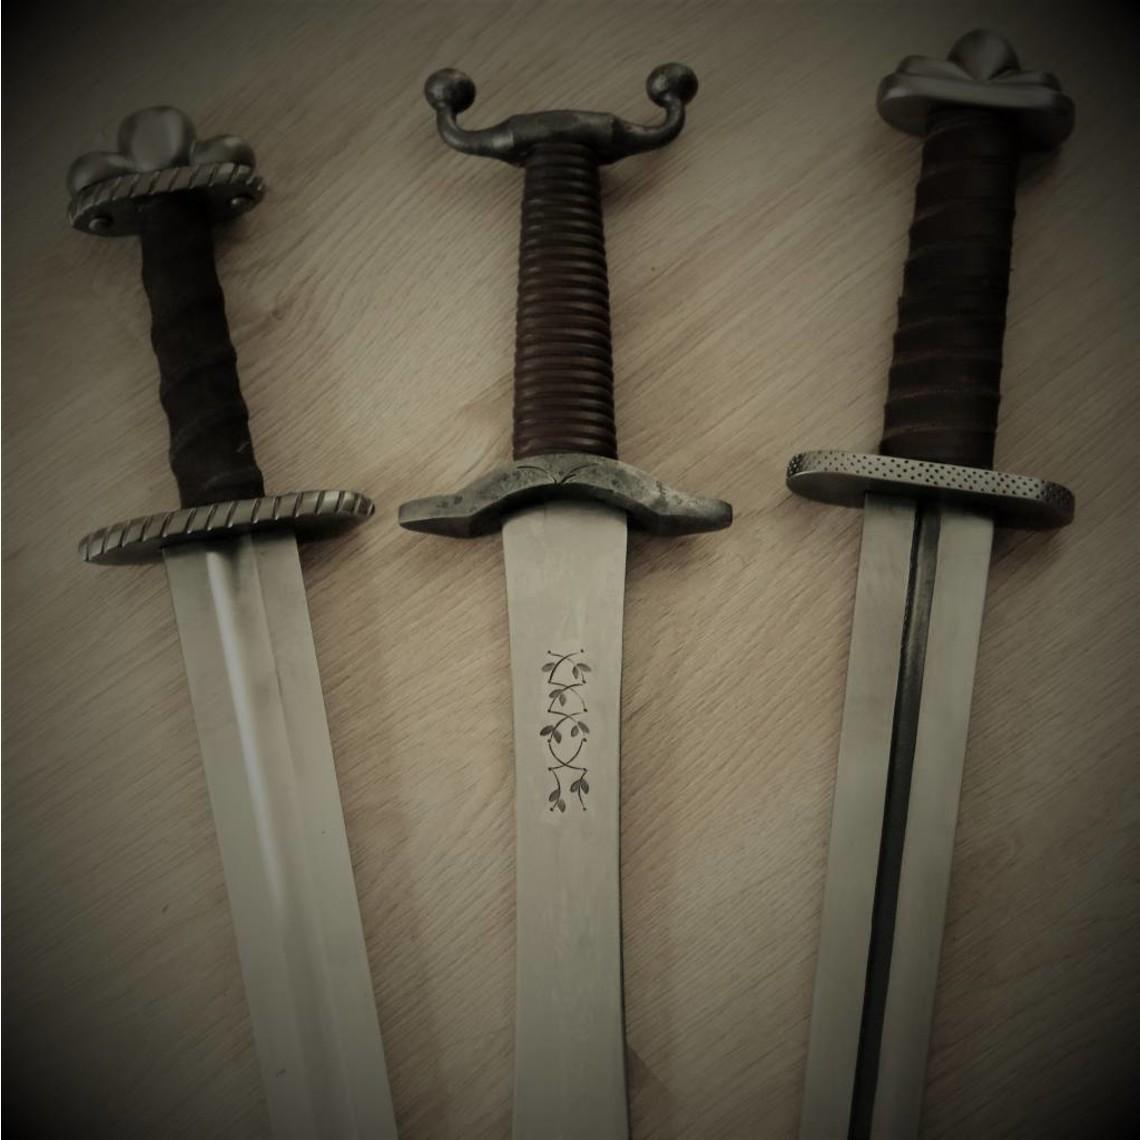 Slipningstjänst svärd (+ 3 veckor)